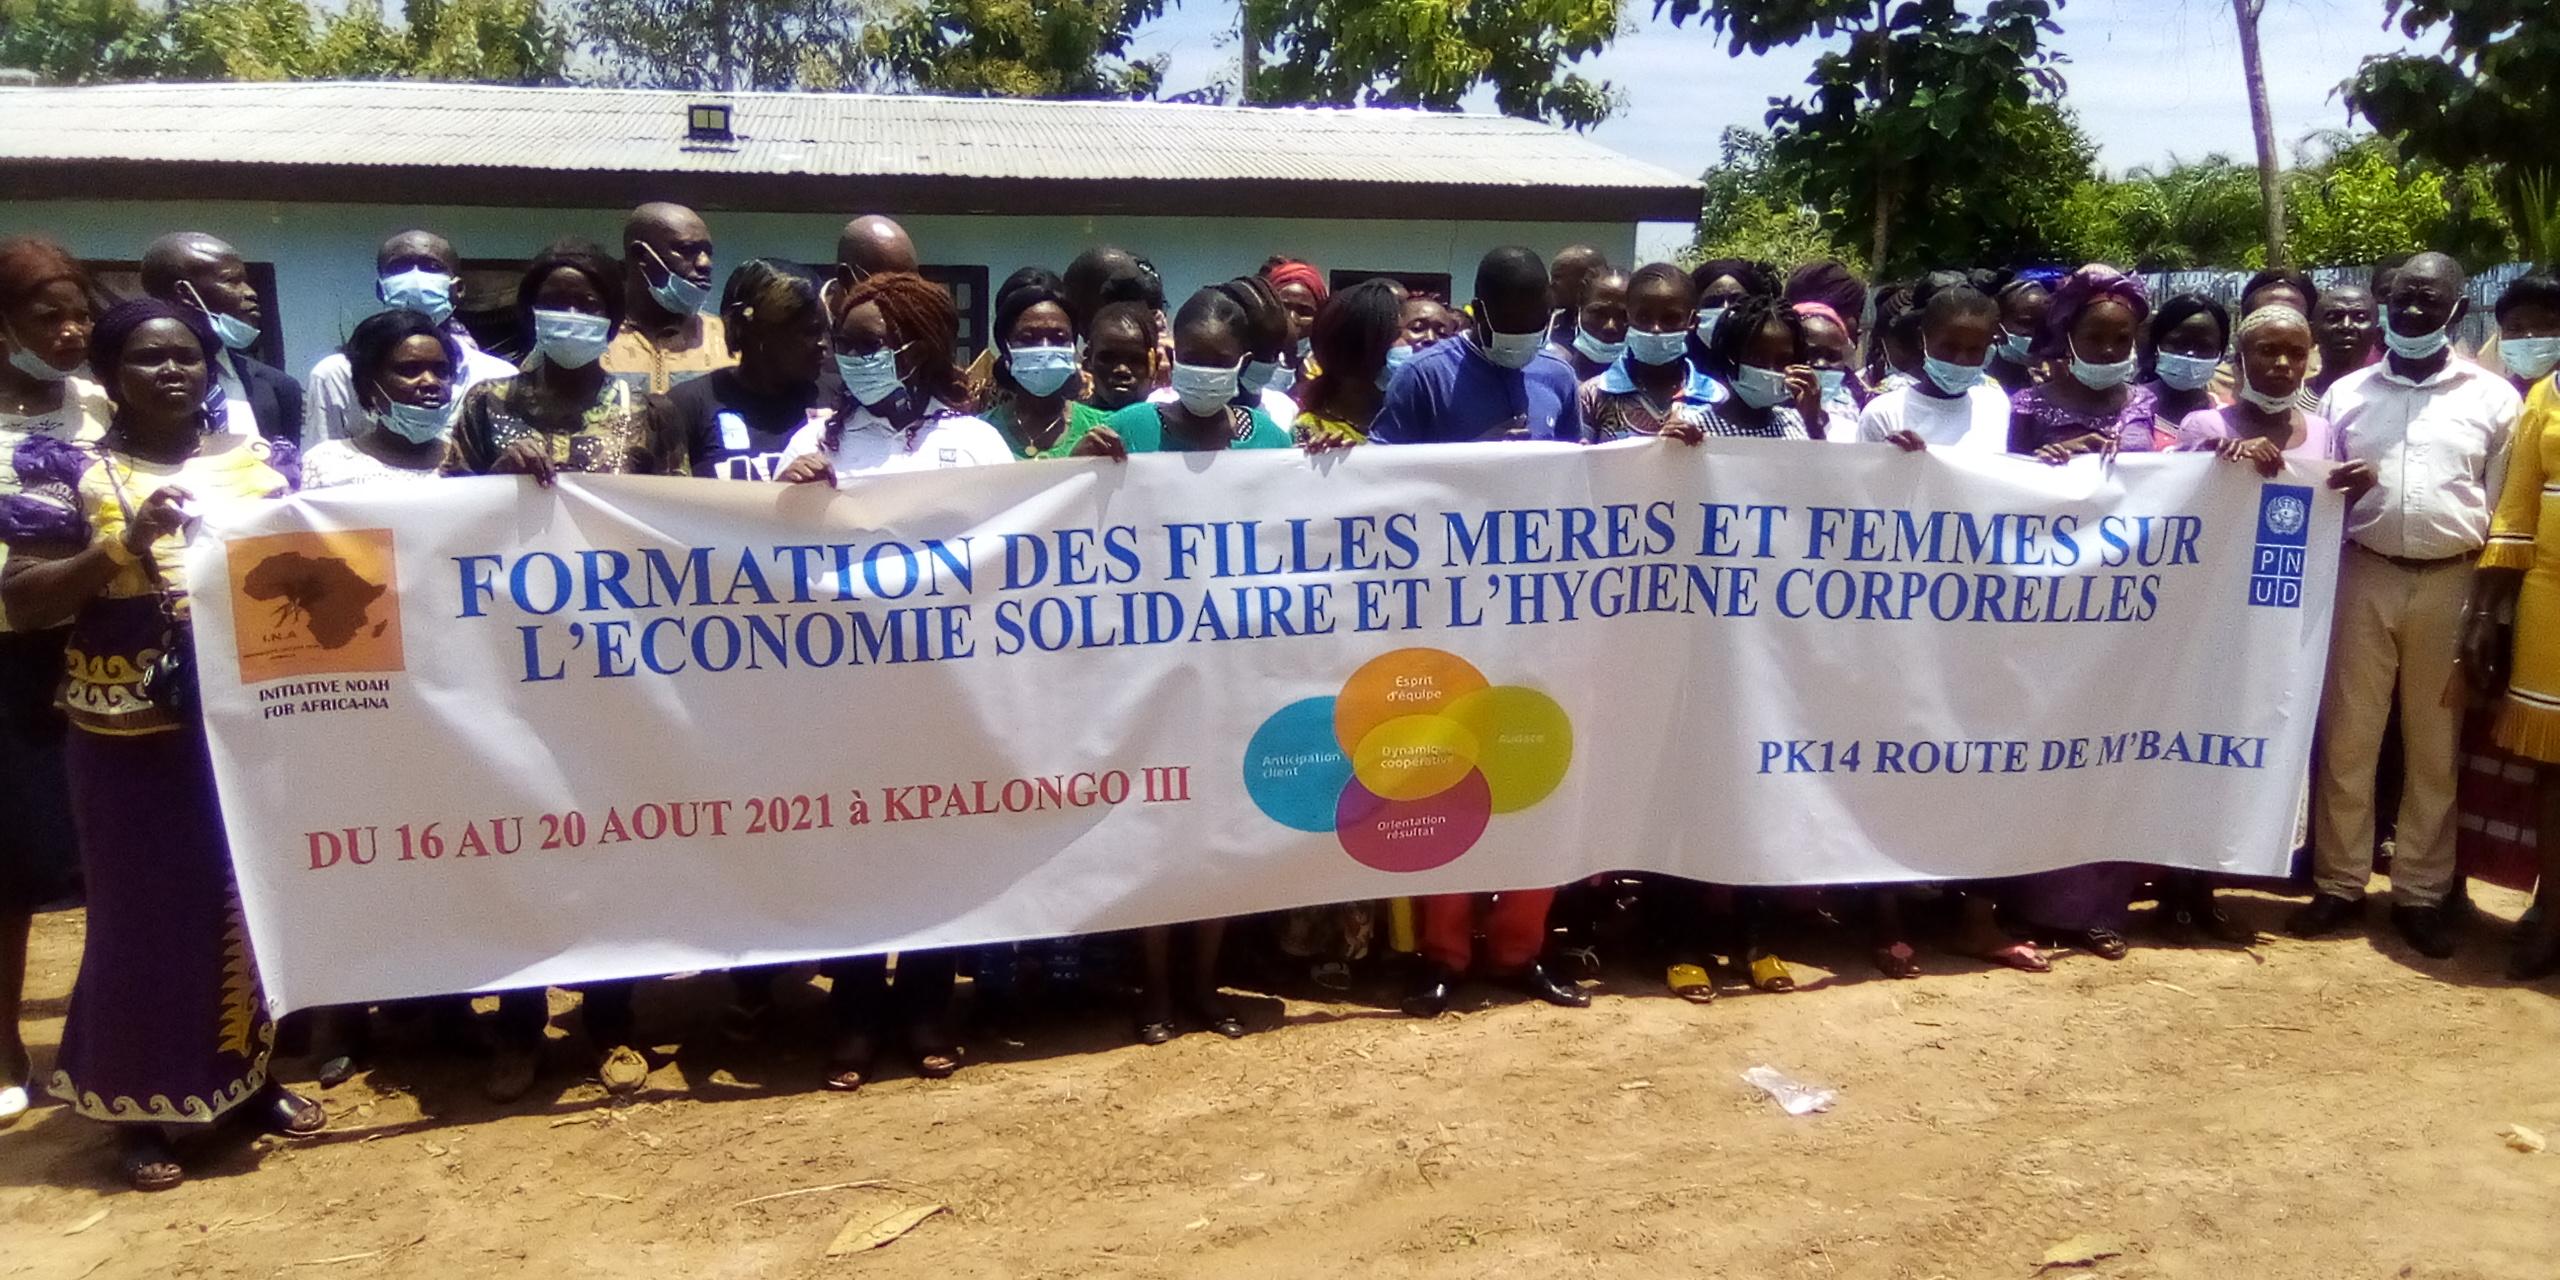 Centrafrique : Le PNUD soutient l'autonomisation des filles-mères du village Kpalongo situé à 14 km de Bangui